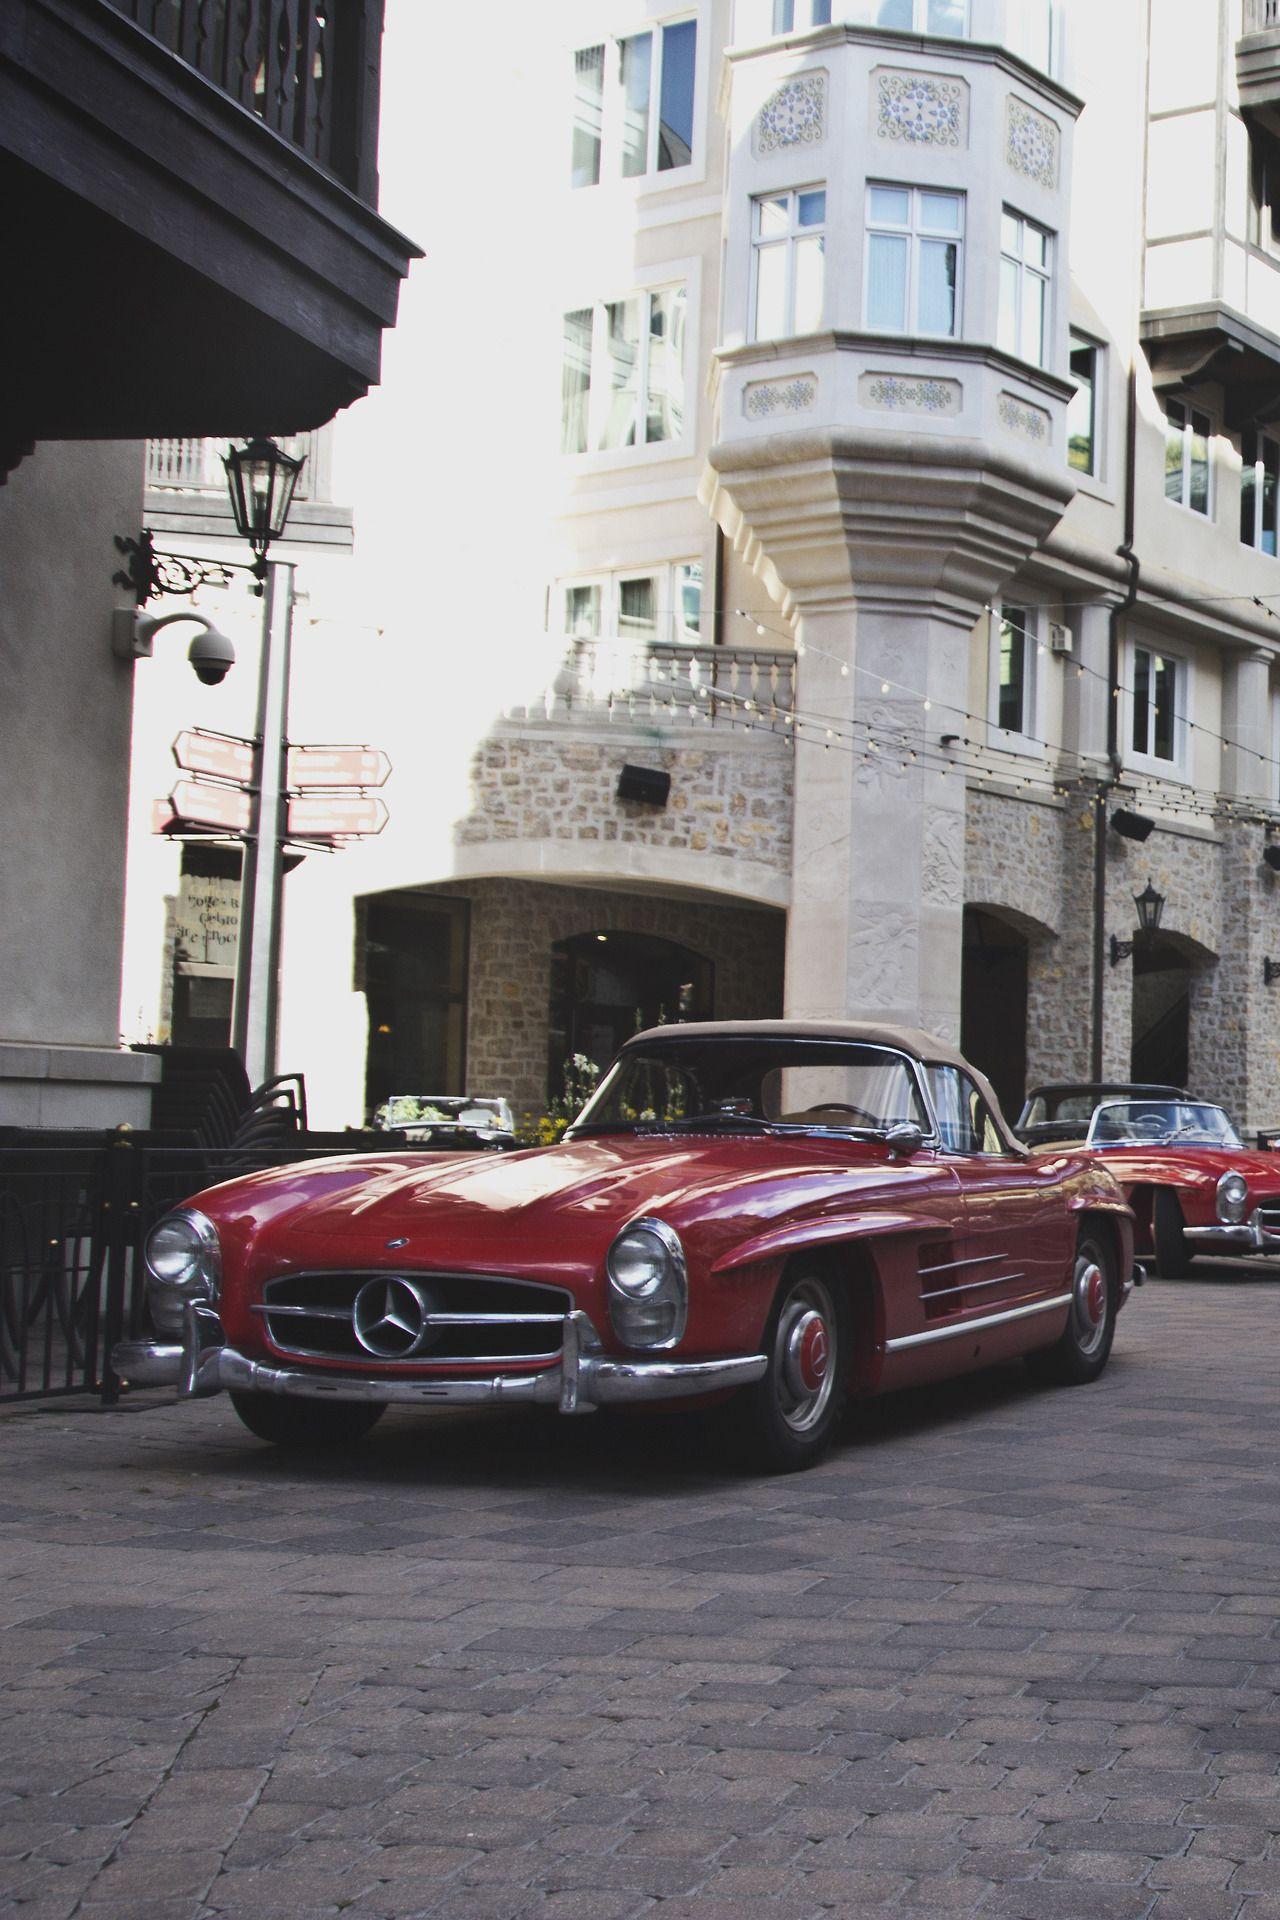 Mercedes benz 280sl car vehicl wrap mercedes benz merced pagoda - Mercedes Benz 300sl Gullwing Via Http Hyper